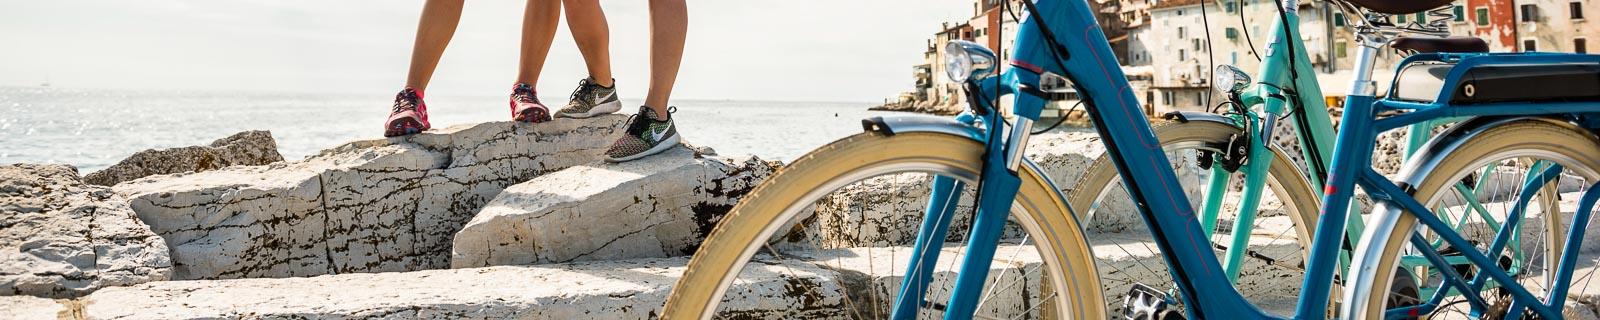 Vélos trekking à col de cygne